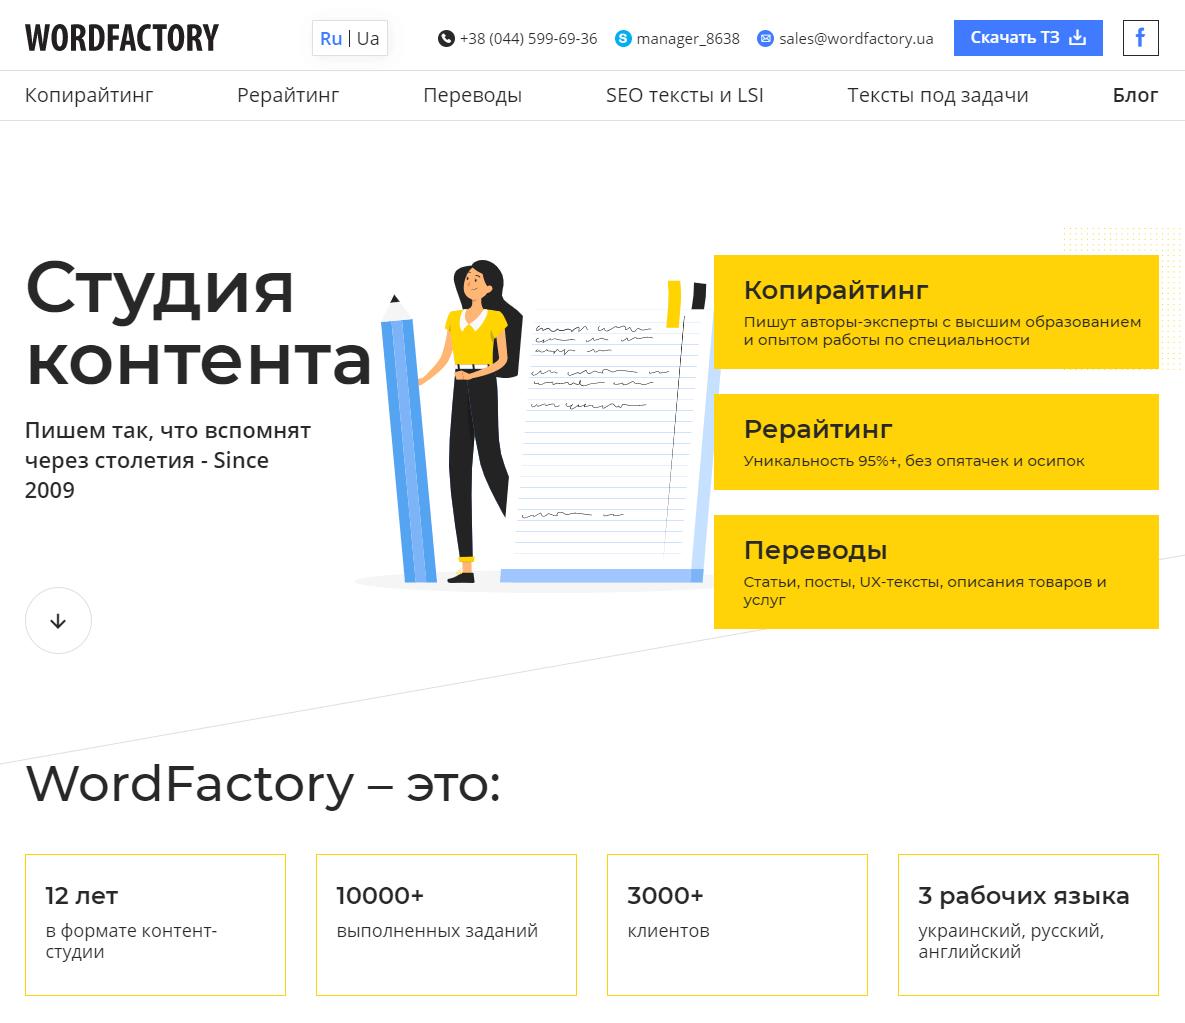 WordFactory - обзор компании, услуги, отзывы, клиенты, Фото № 1 - google-seo.pro